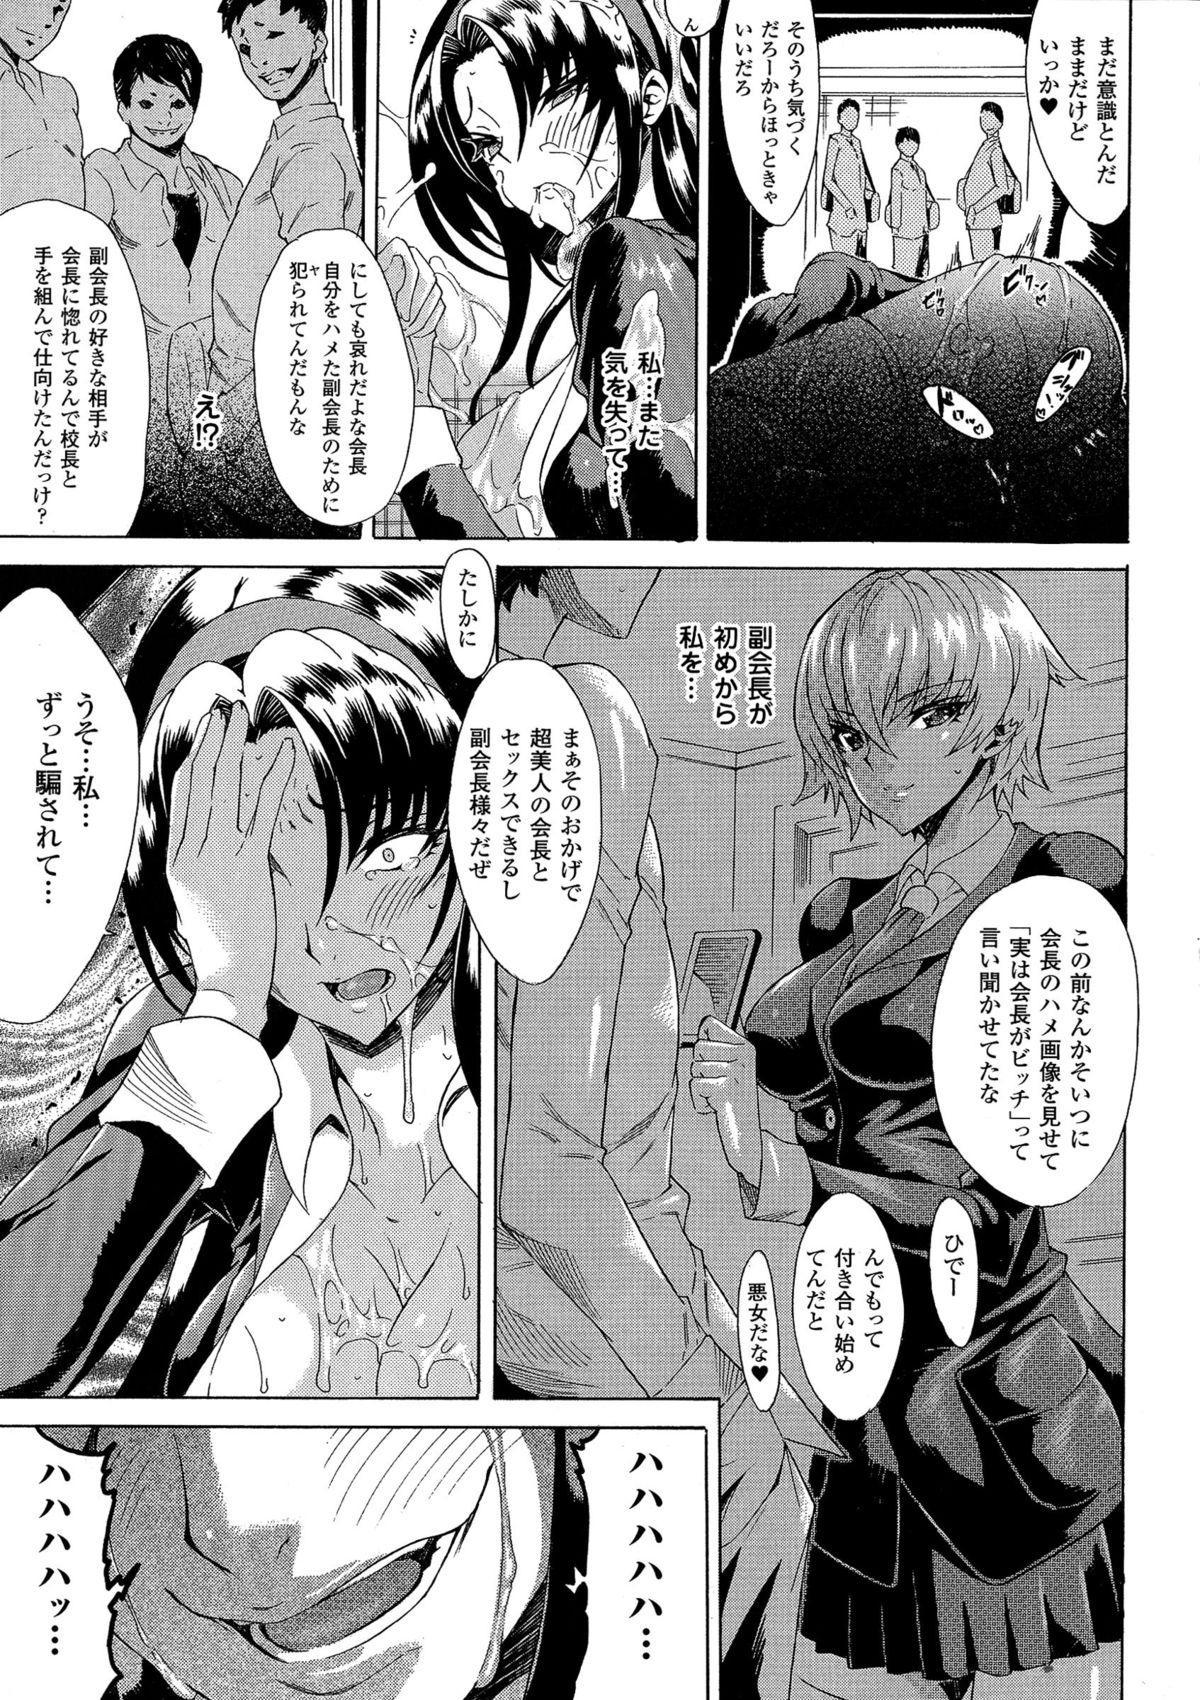 Kachiki na Onna ga Buzama na Ahegao o Sarasu made 52